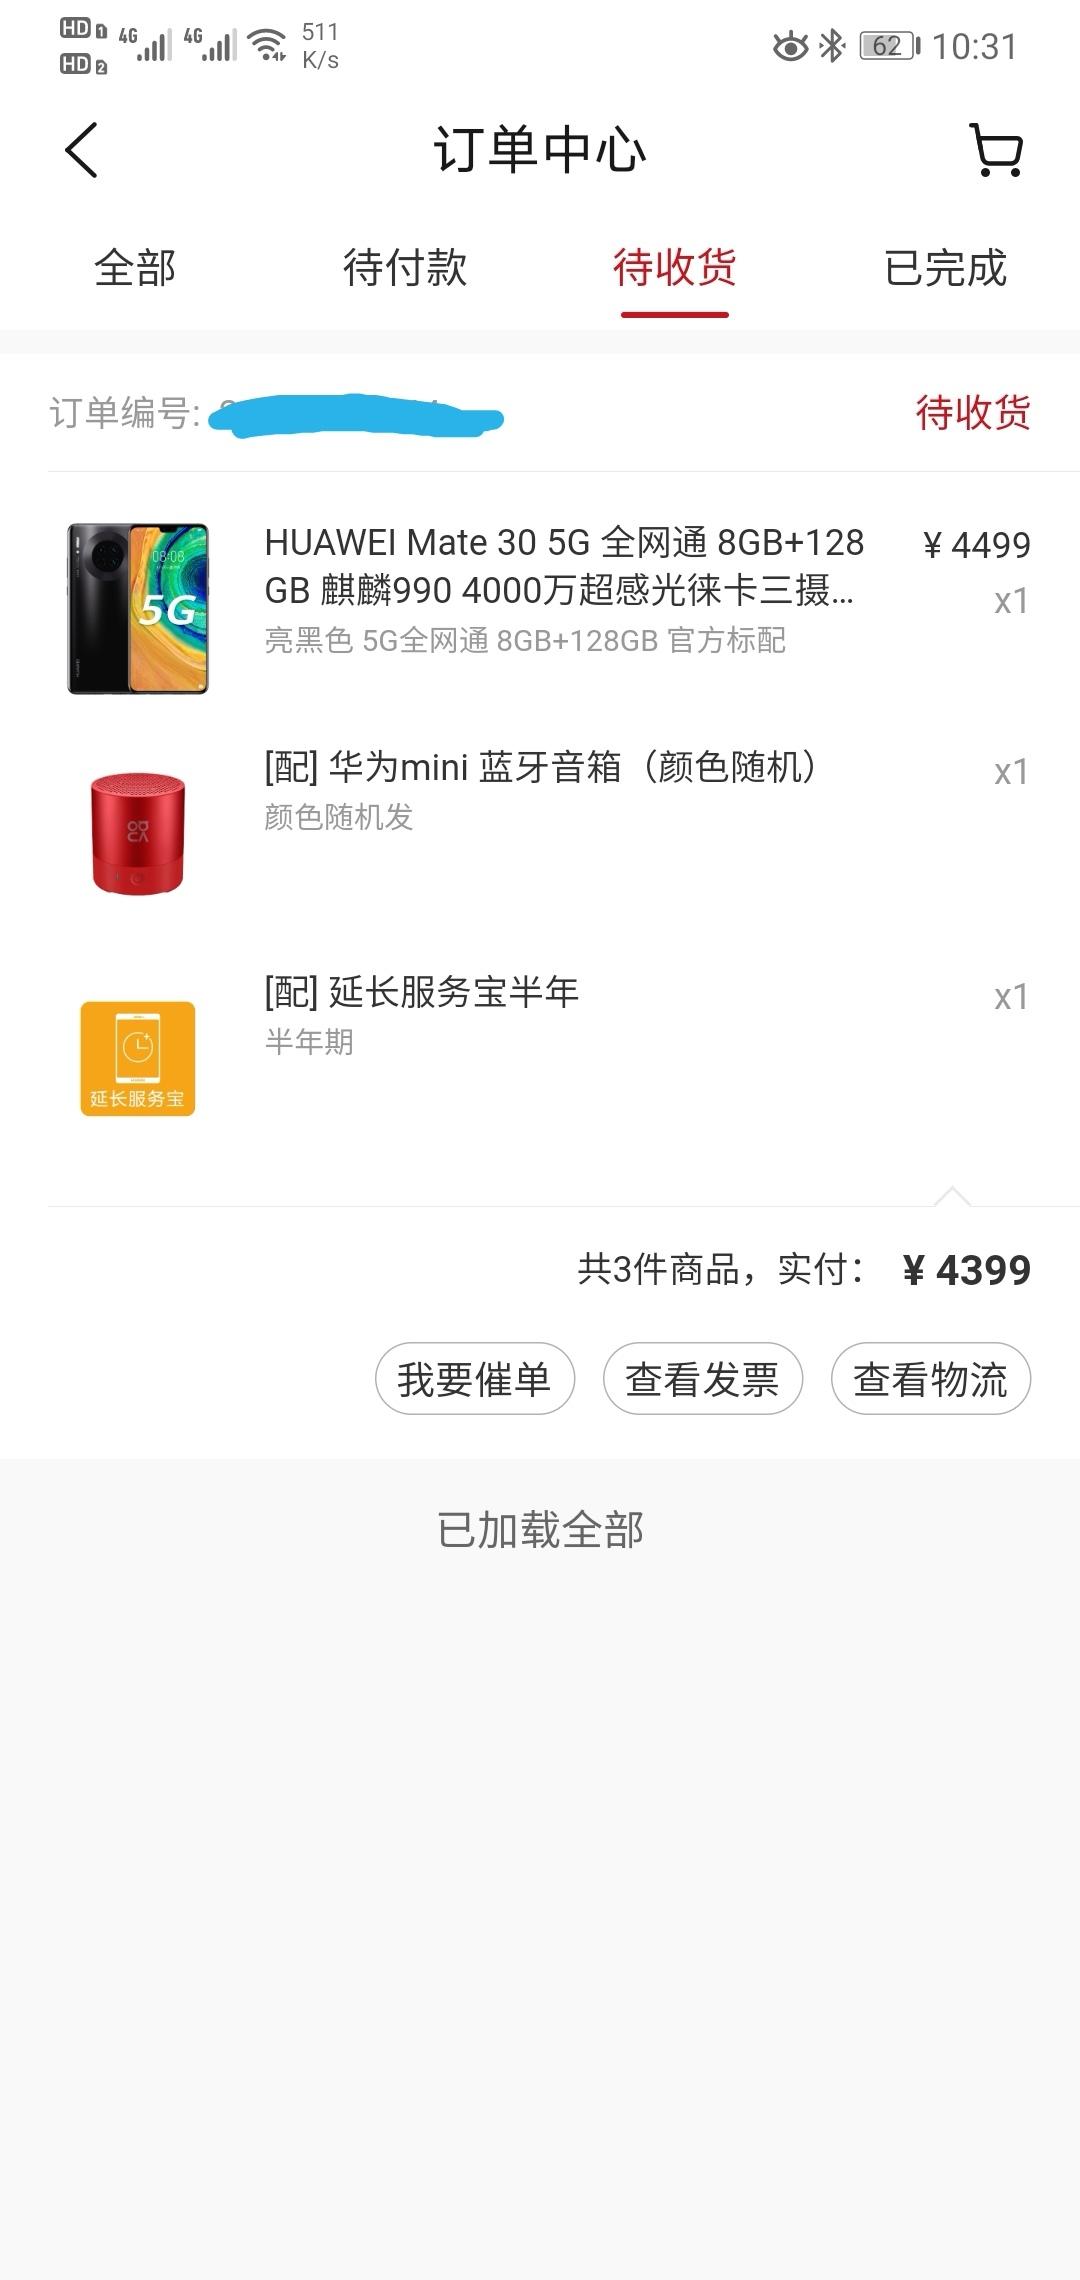 Screenshot_20200530_223724.jpg